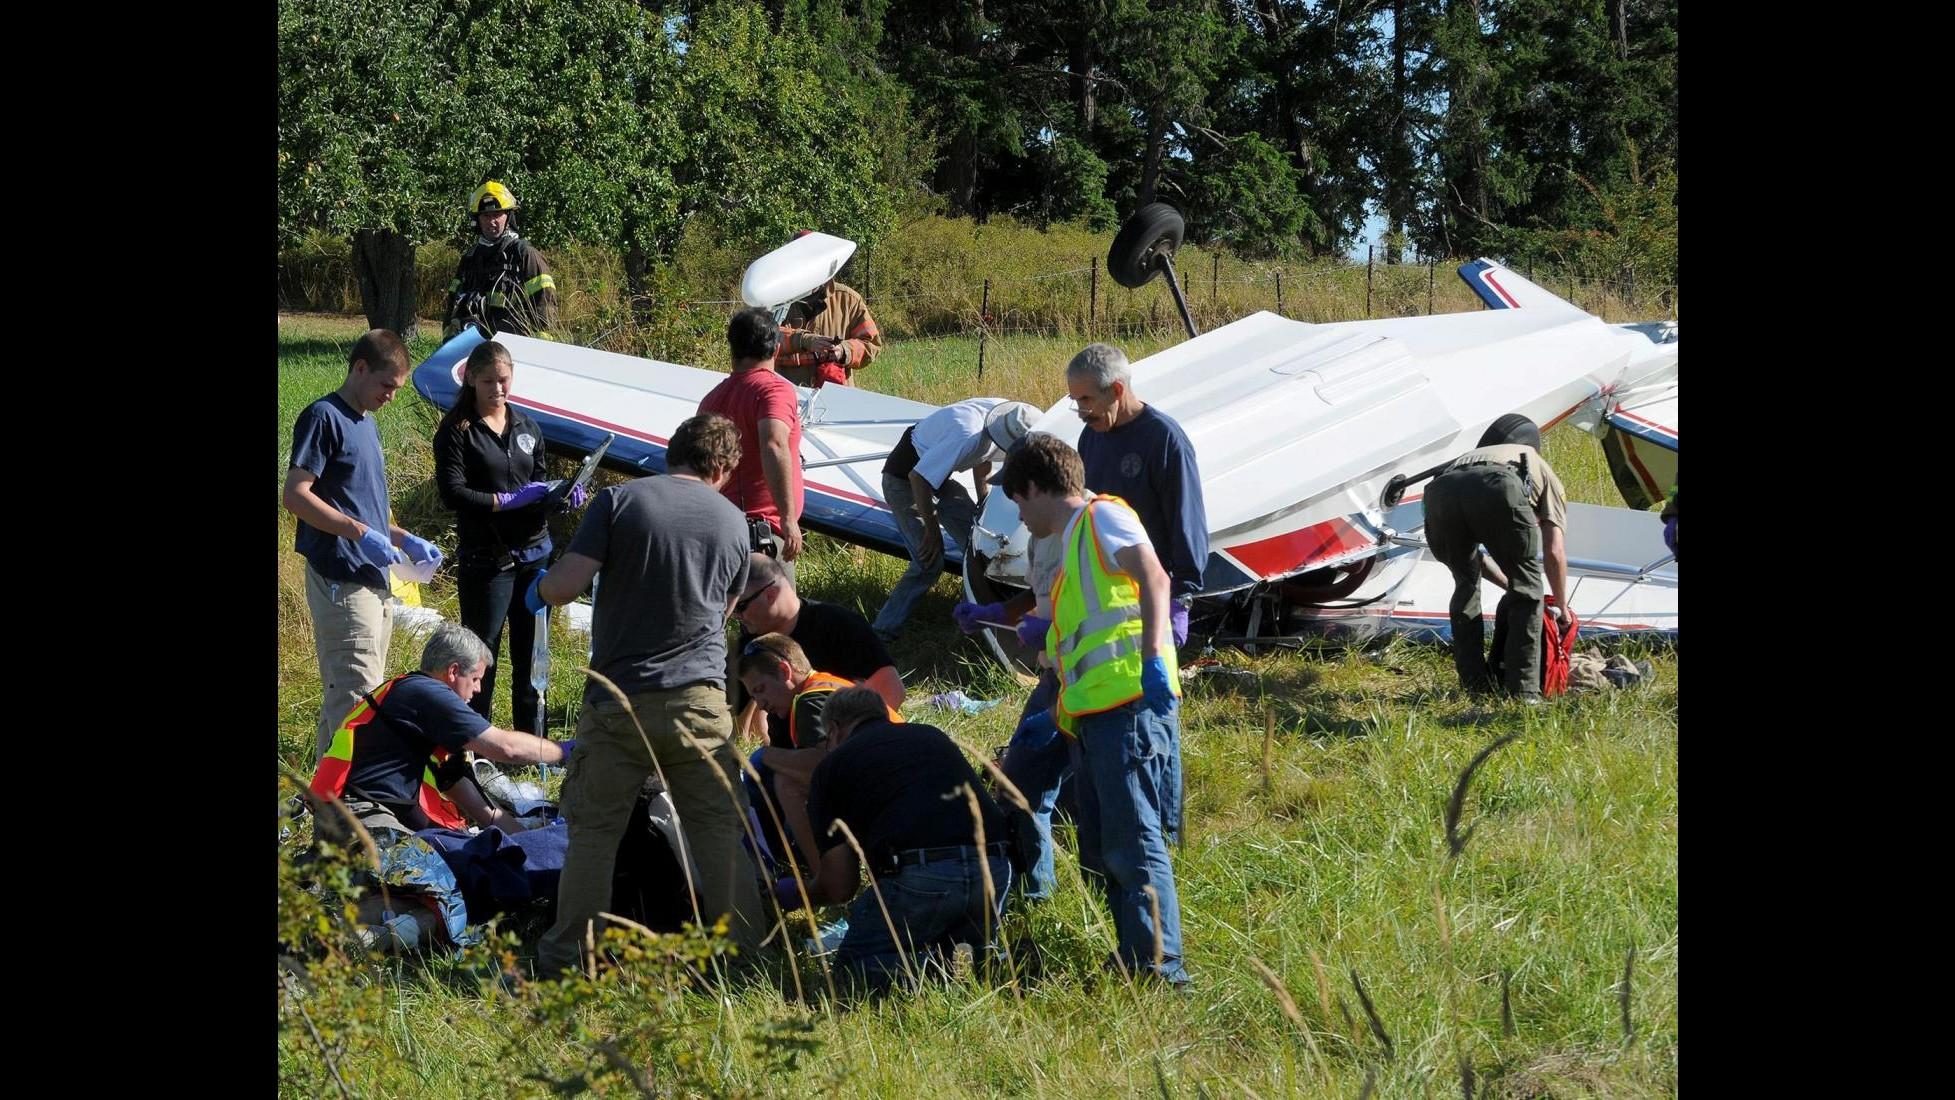 Lo scrittore Richard Bach in lento miglioramento dopo incidente aereo